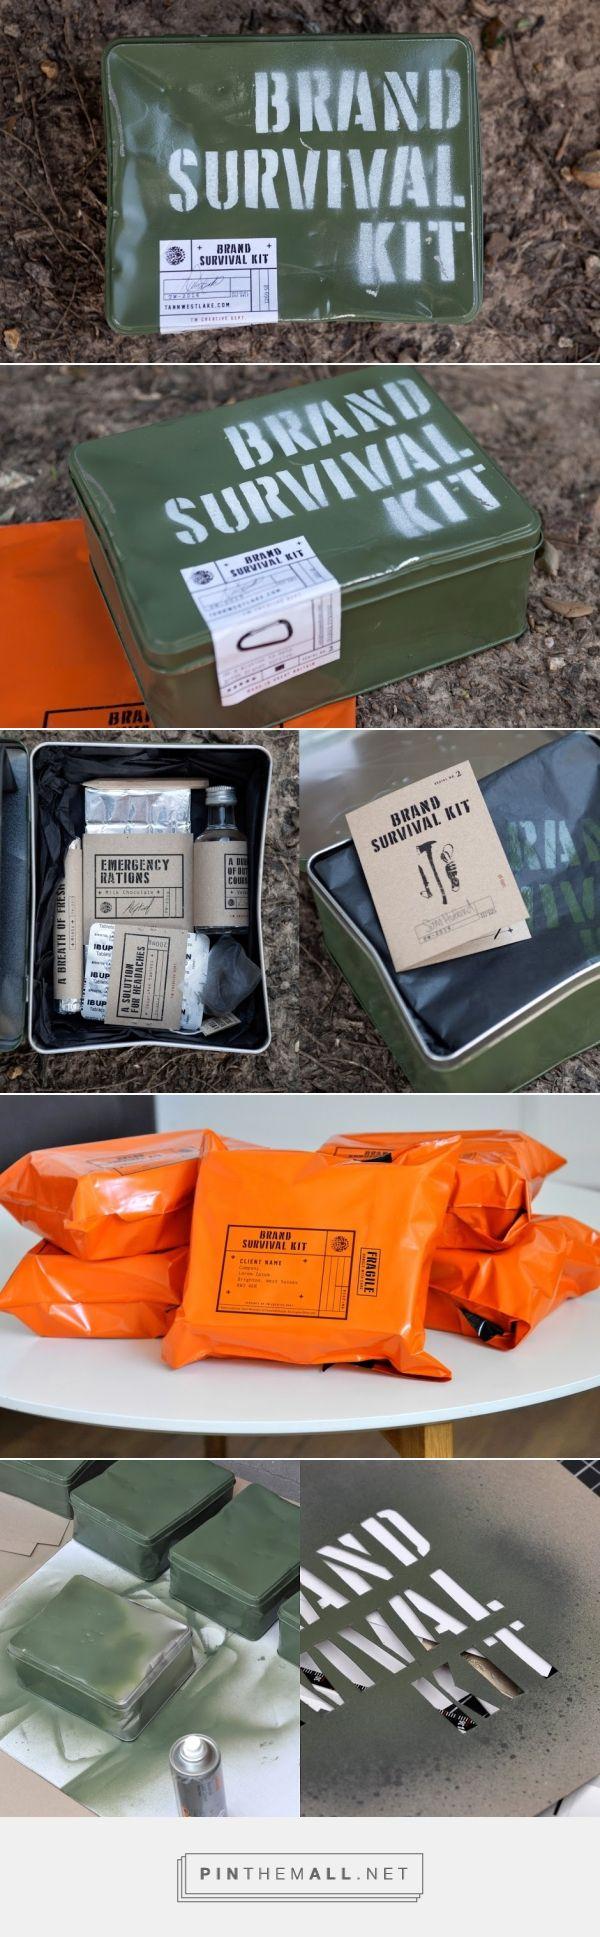 Do you need one? Brand Survival Kit design by Tann Westlake (UK) - http://www.packagingoftheworld.com/2016/06/brand-survival-kit.html